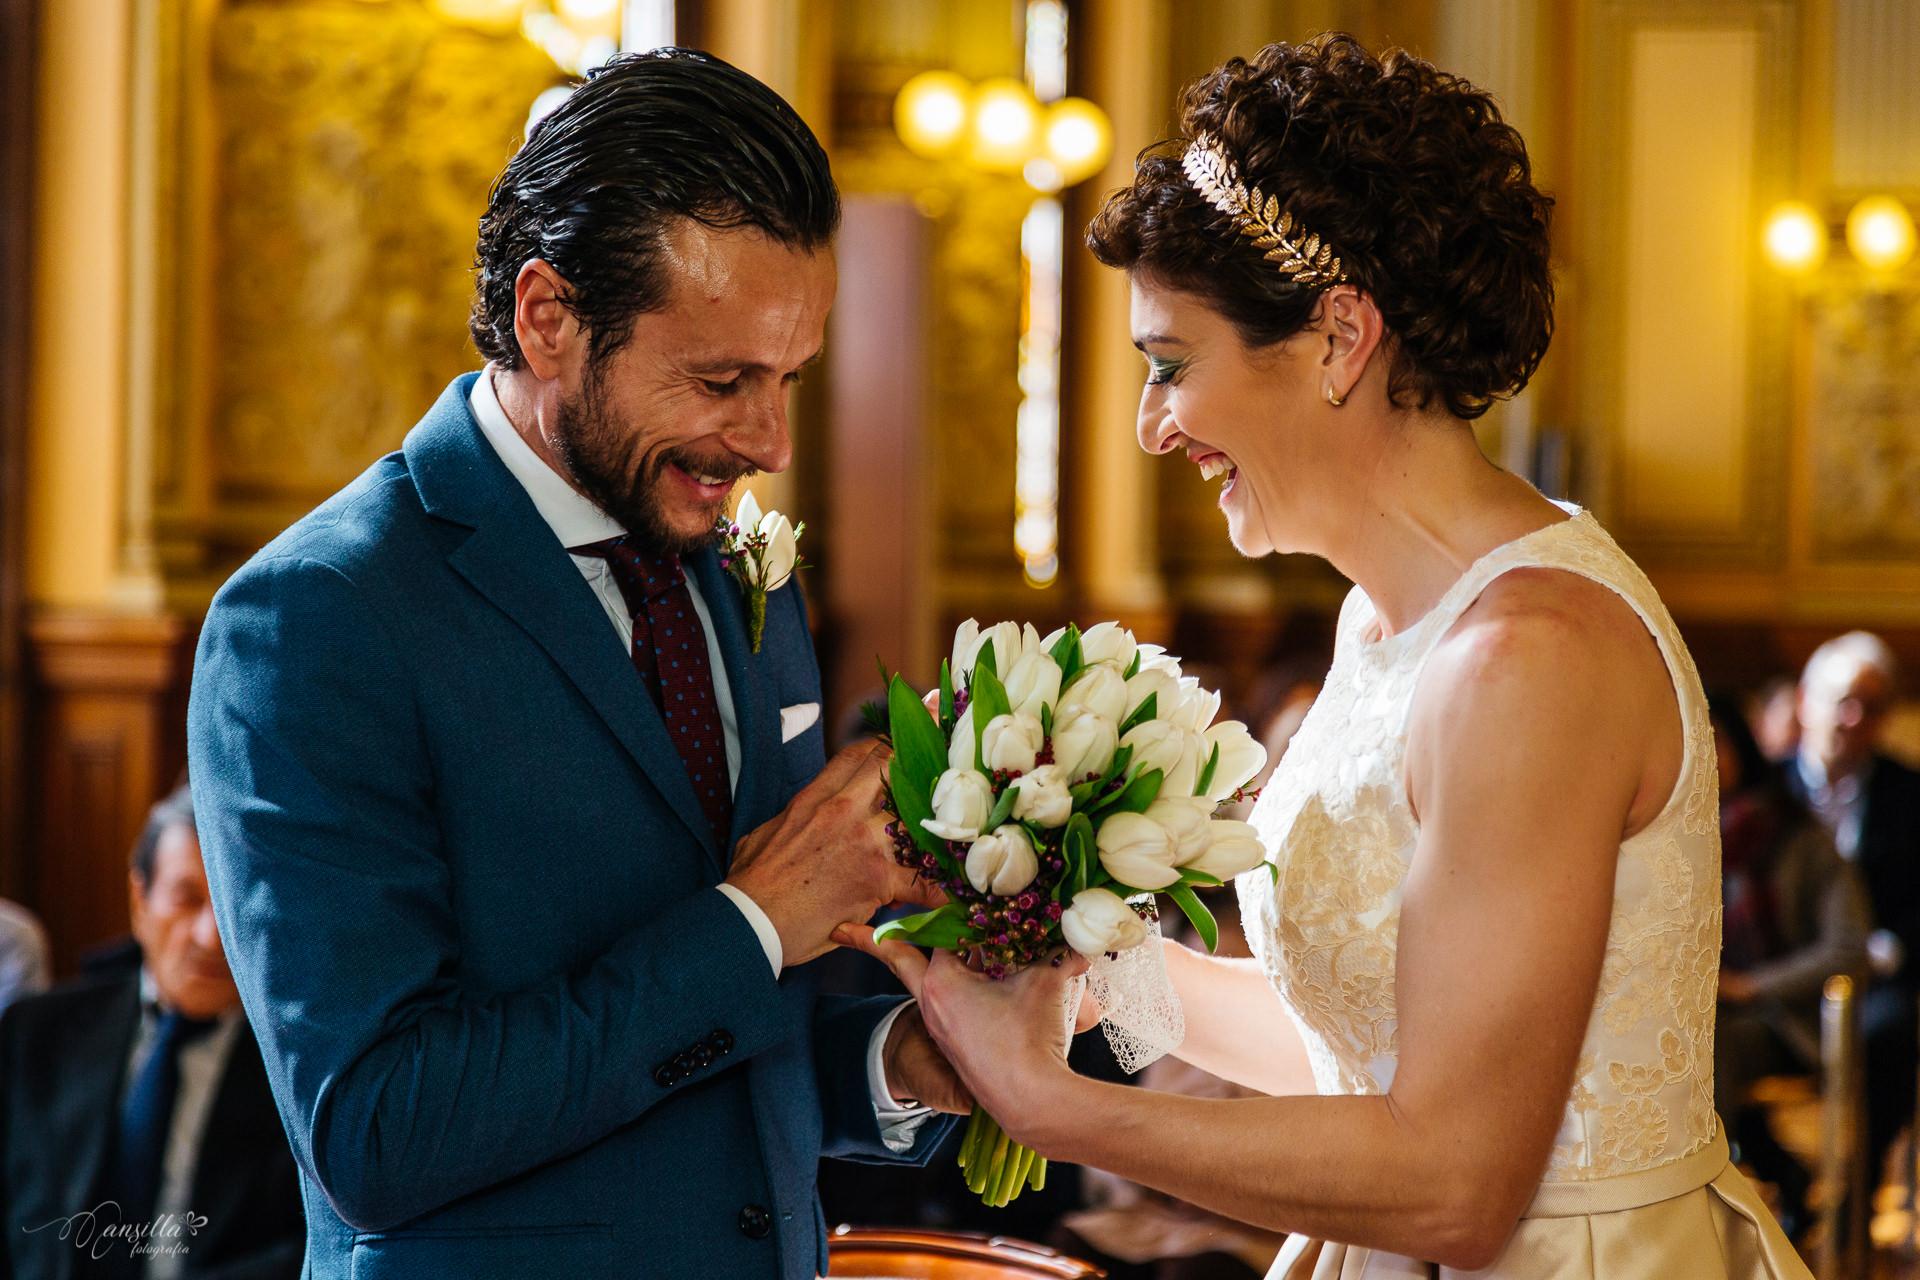 intercambio-anillos-boda-civil-ayuntamiento-valladolid